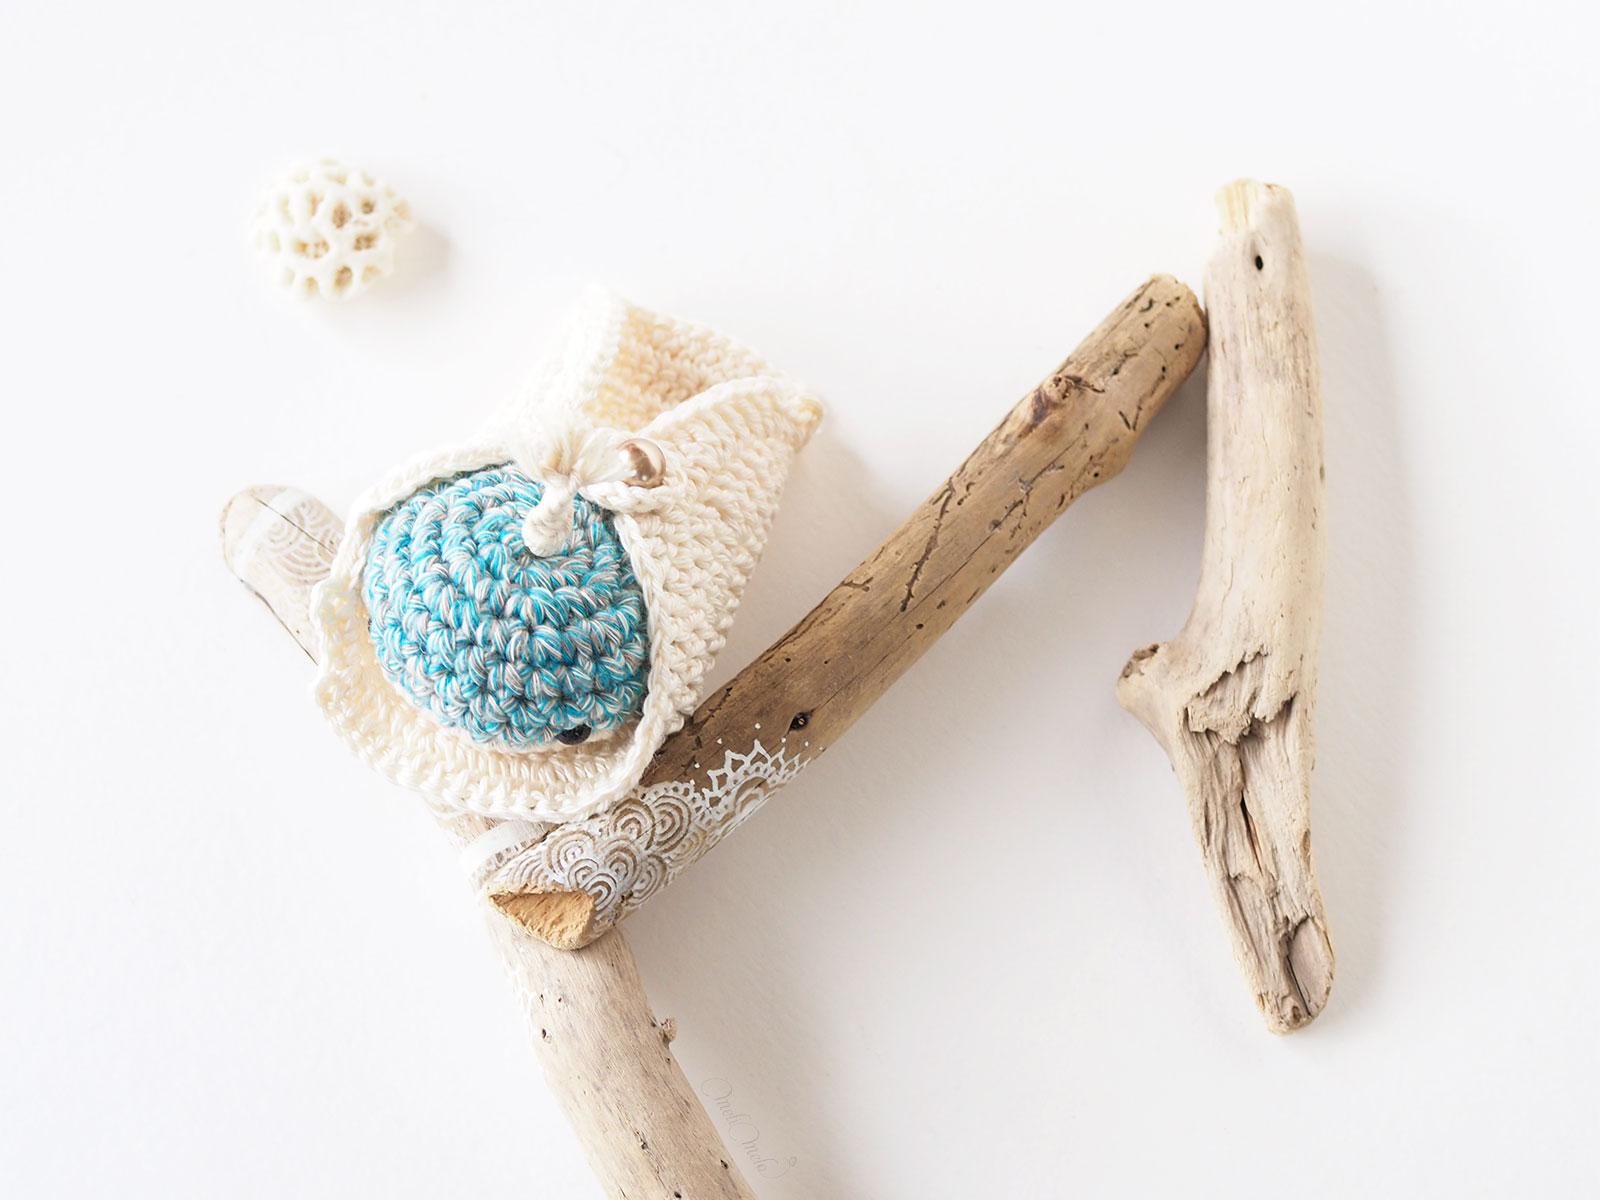 mini-baleine cosy coquillage mignonneries au crochet laboutiquedemelimelo